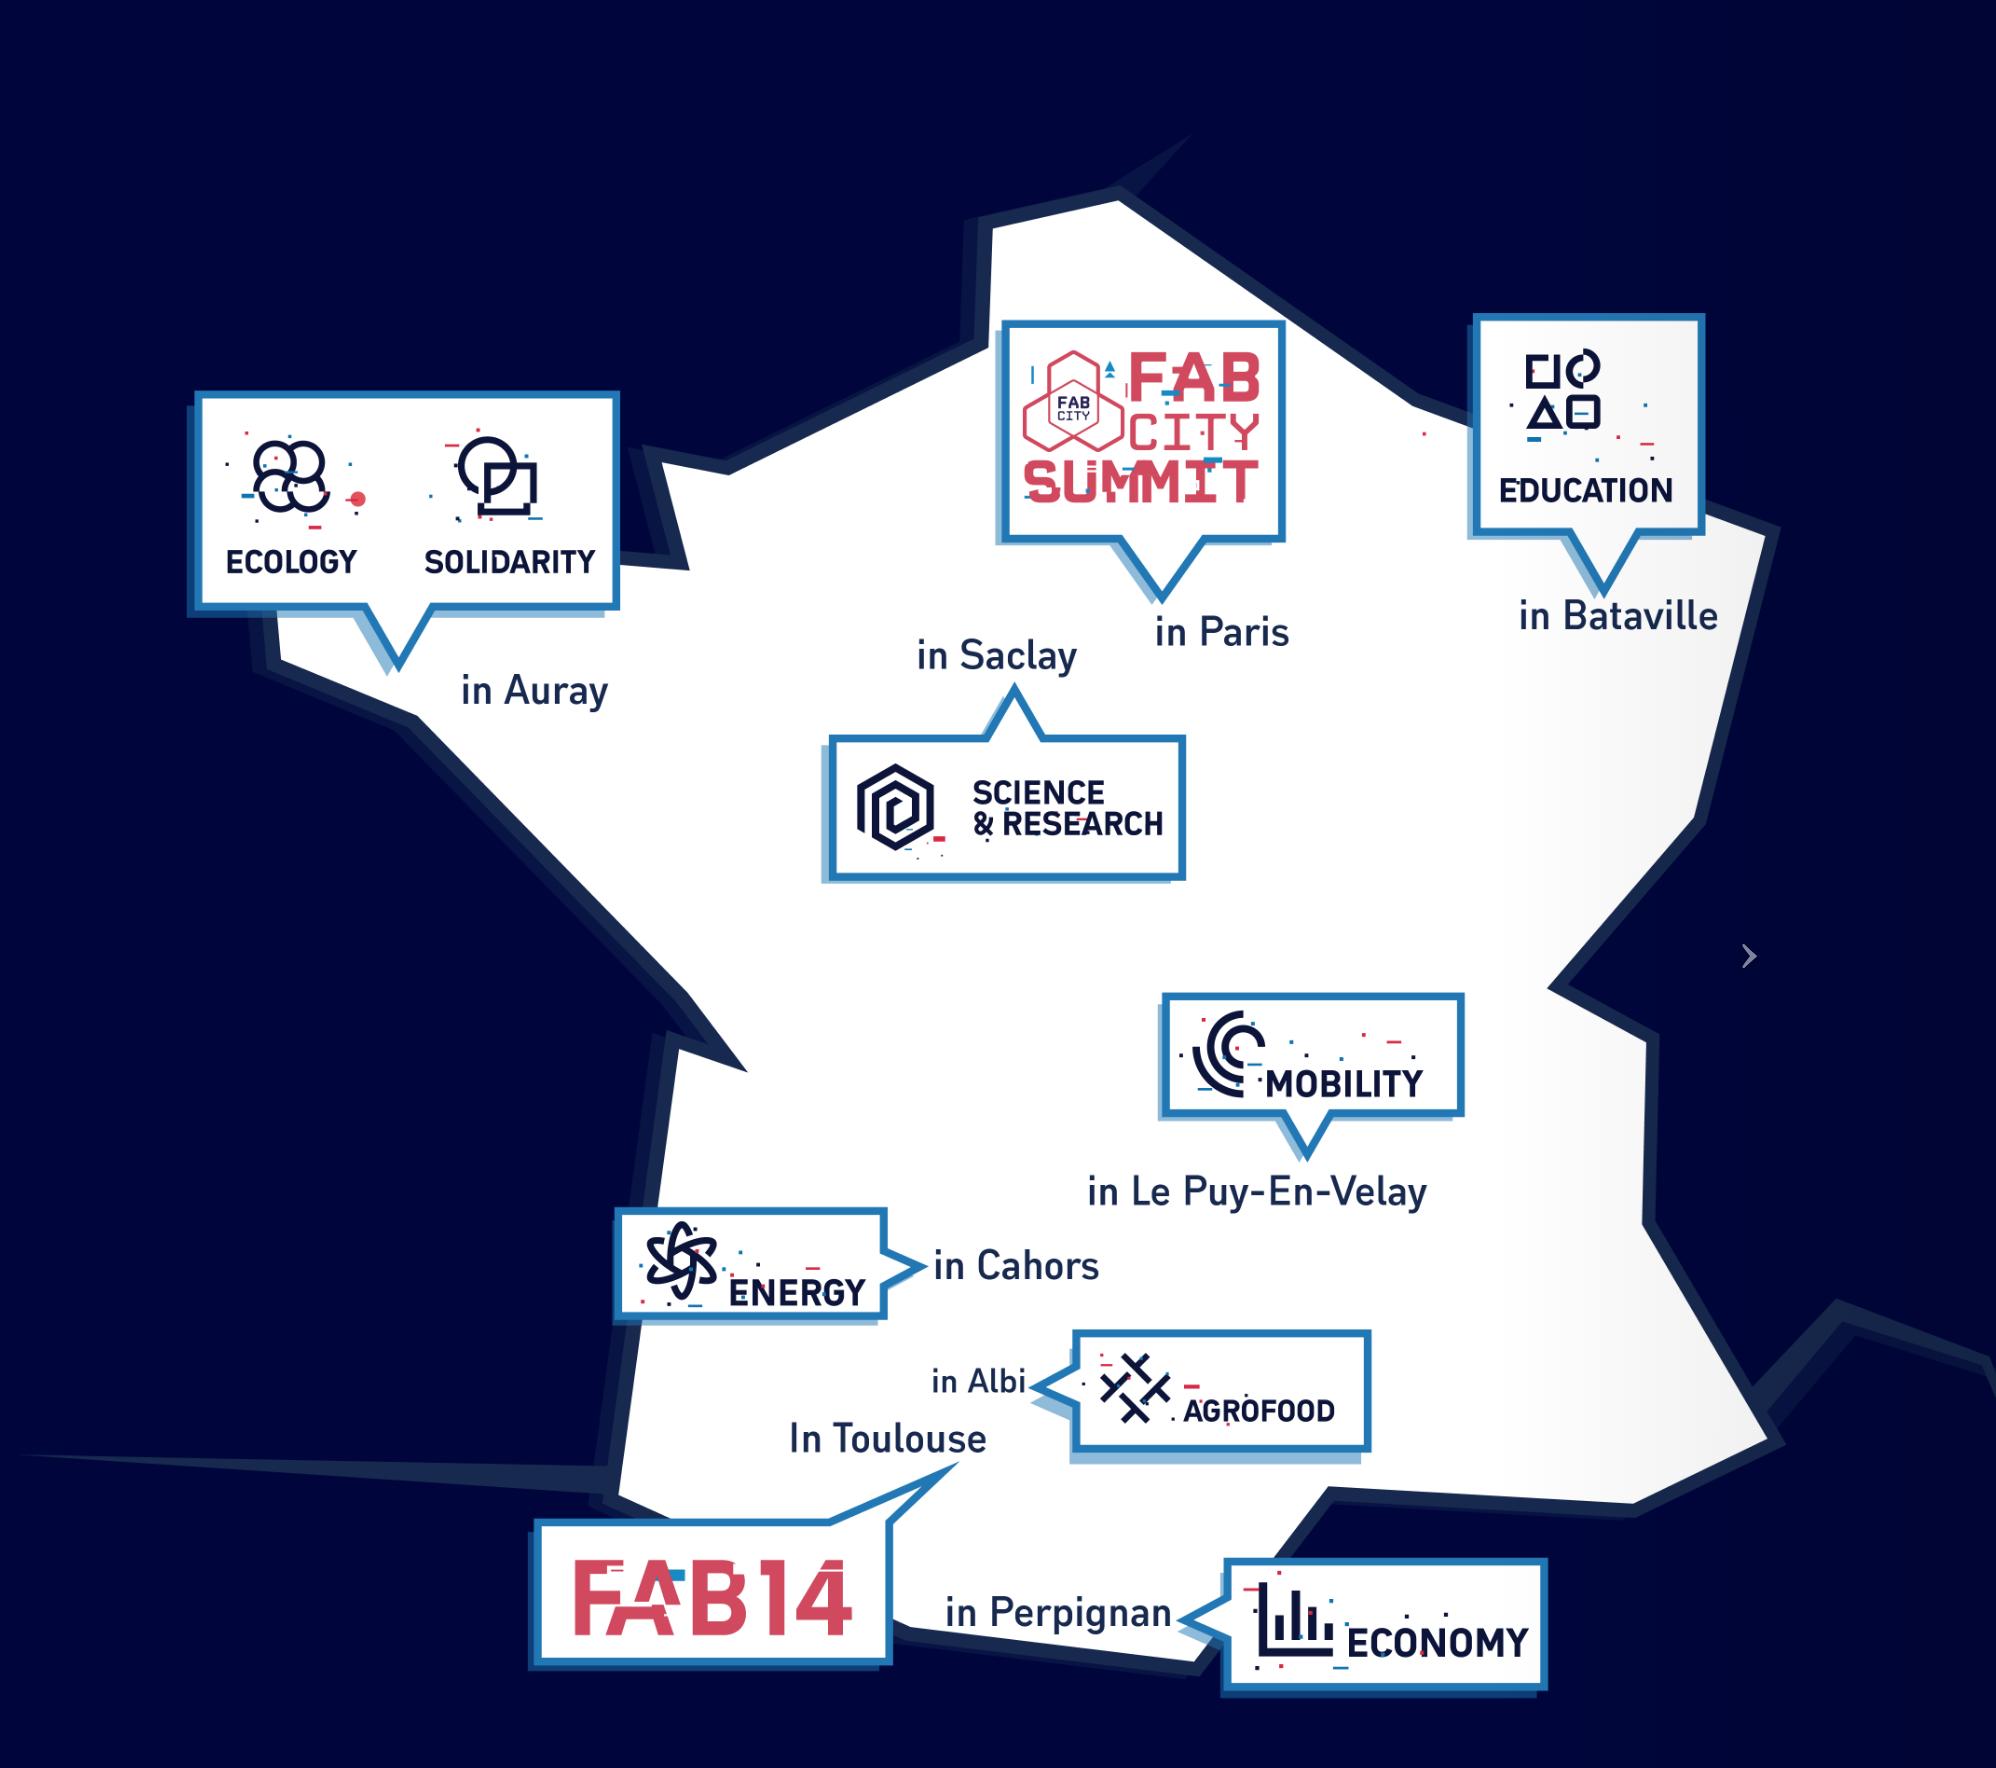 Fab14 across France